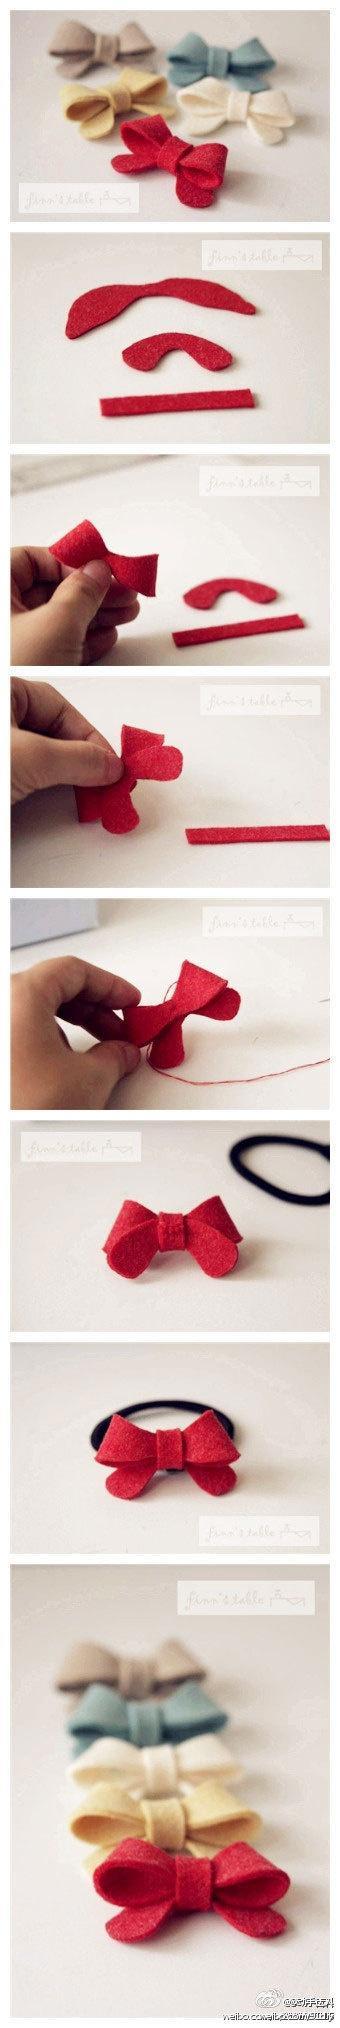 Crafty ideas / bows